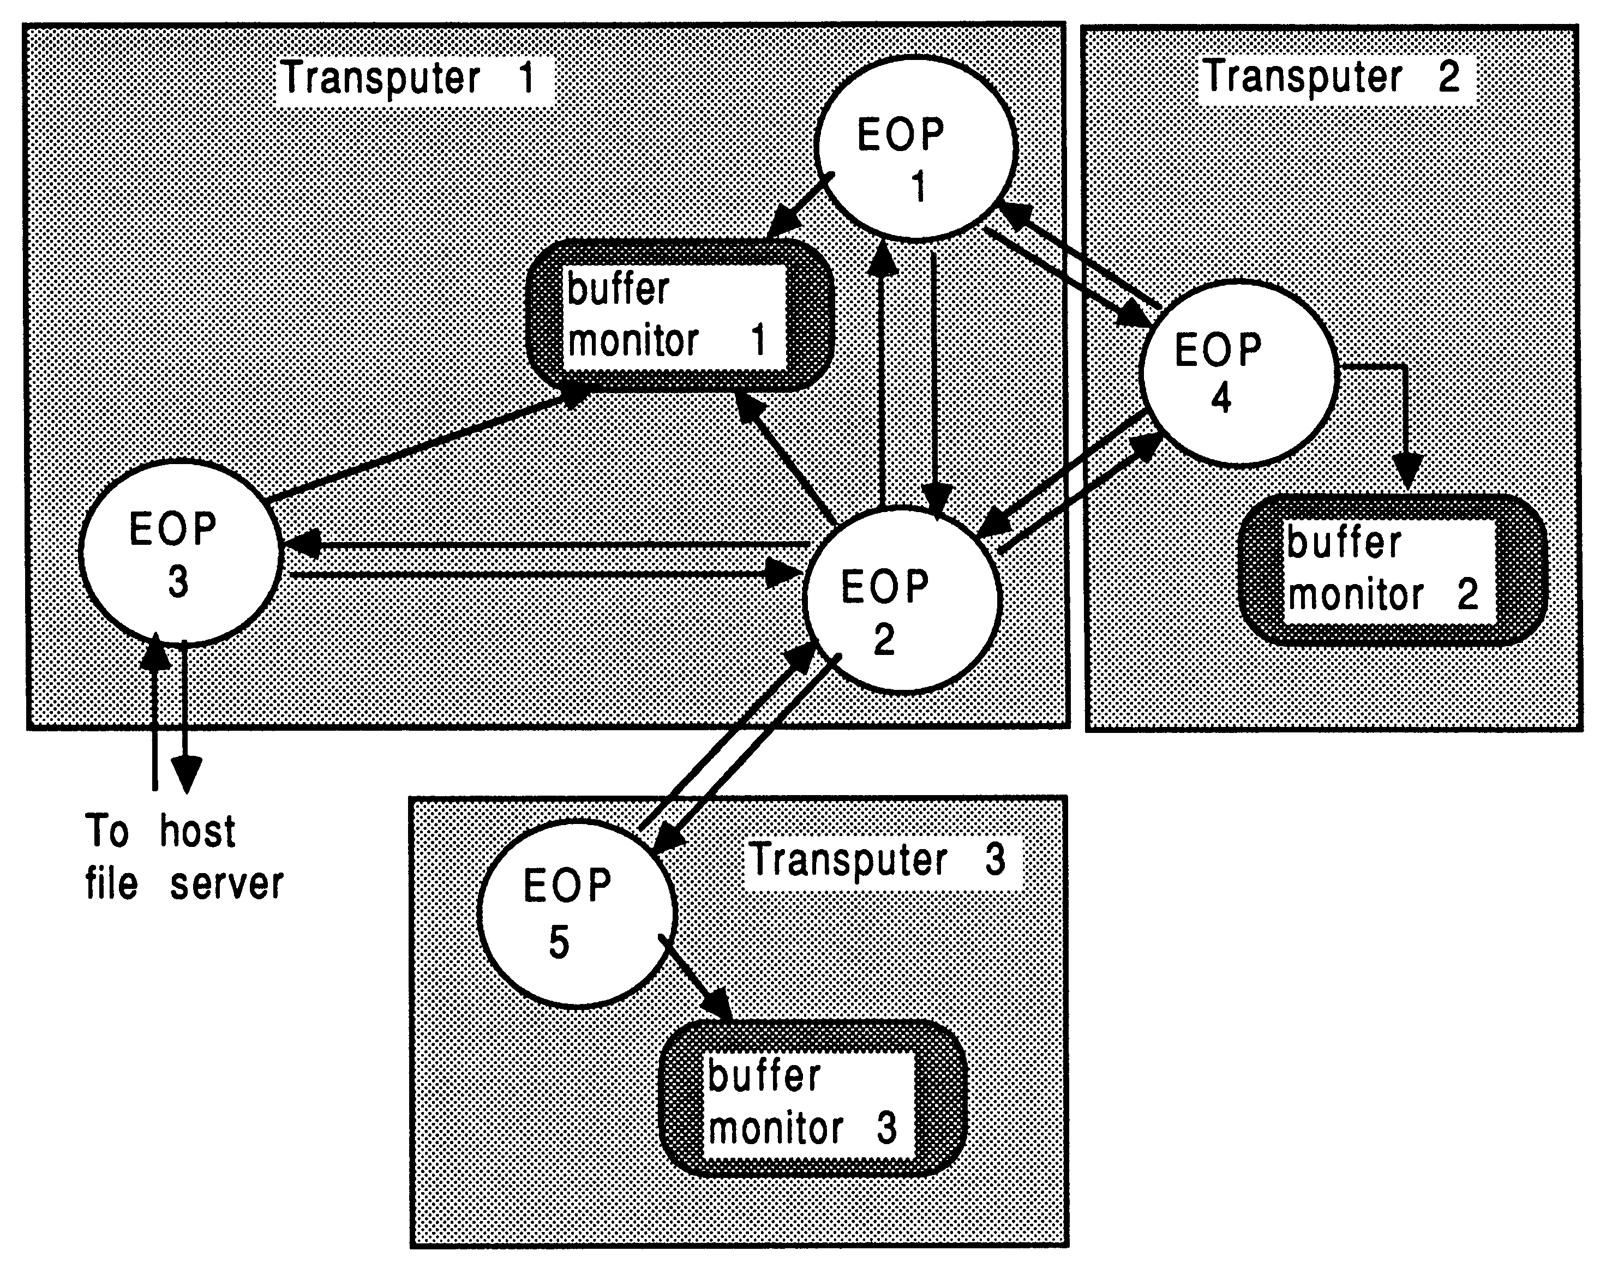 COMPAQ FORTRAN 6.6 VISUAL TÉLÉCHARGER